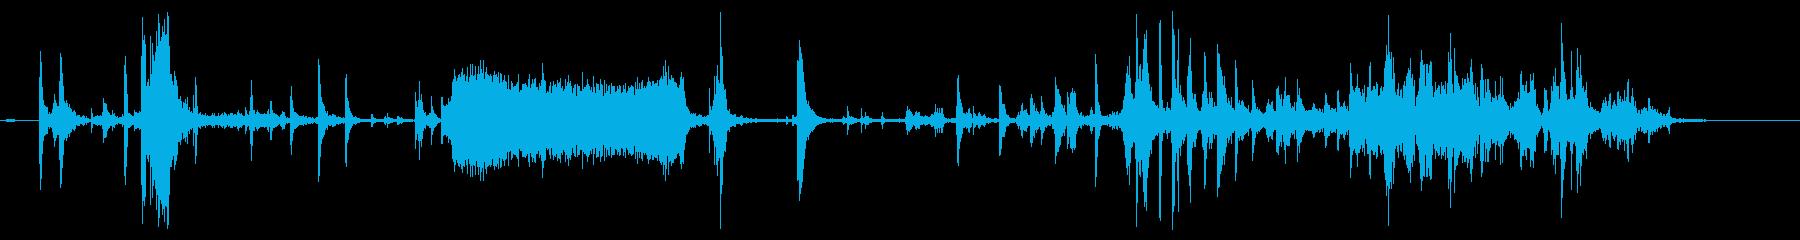 【銃】 SFガン ロード作業の再生済みの波形